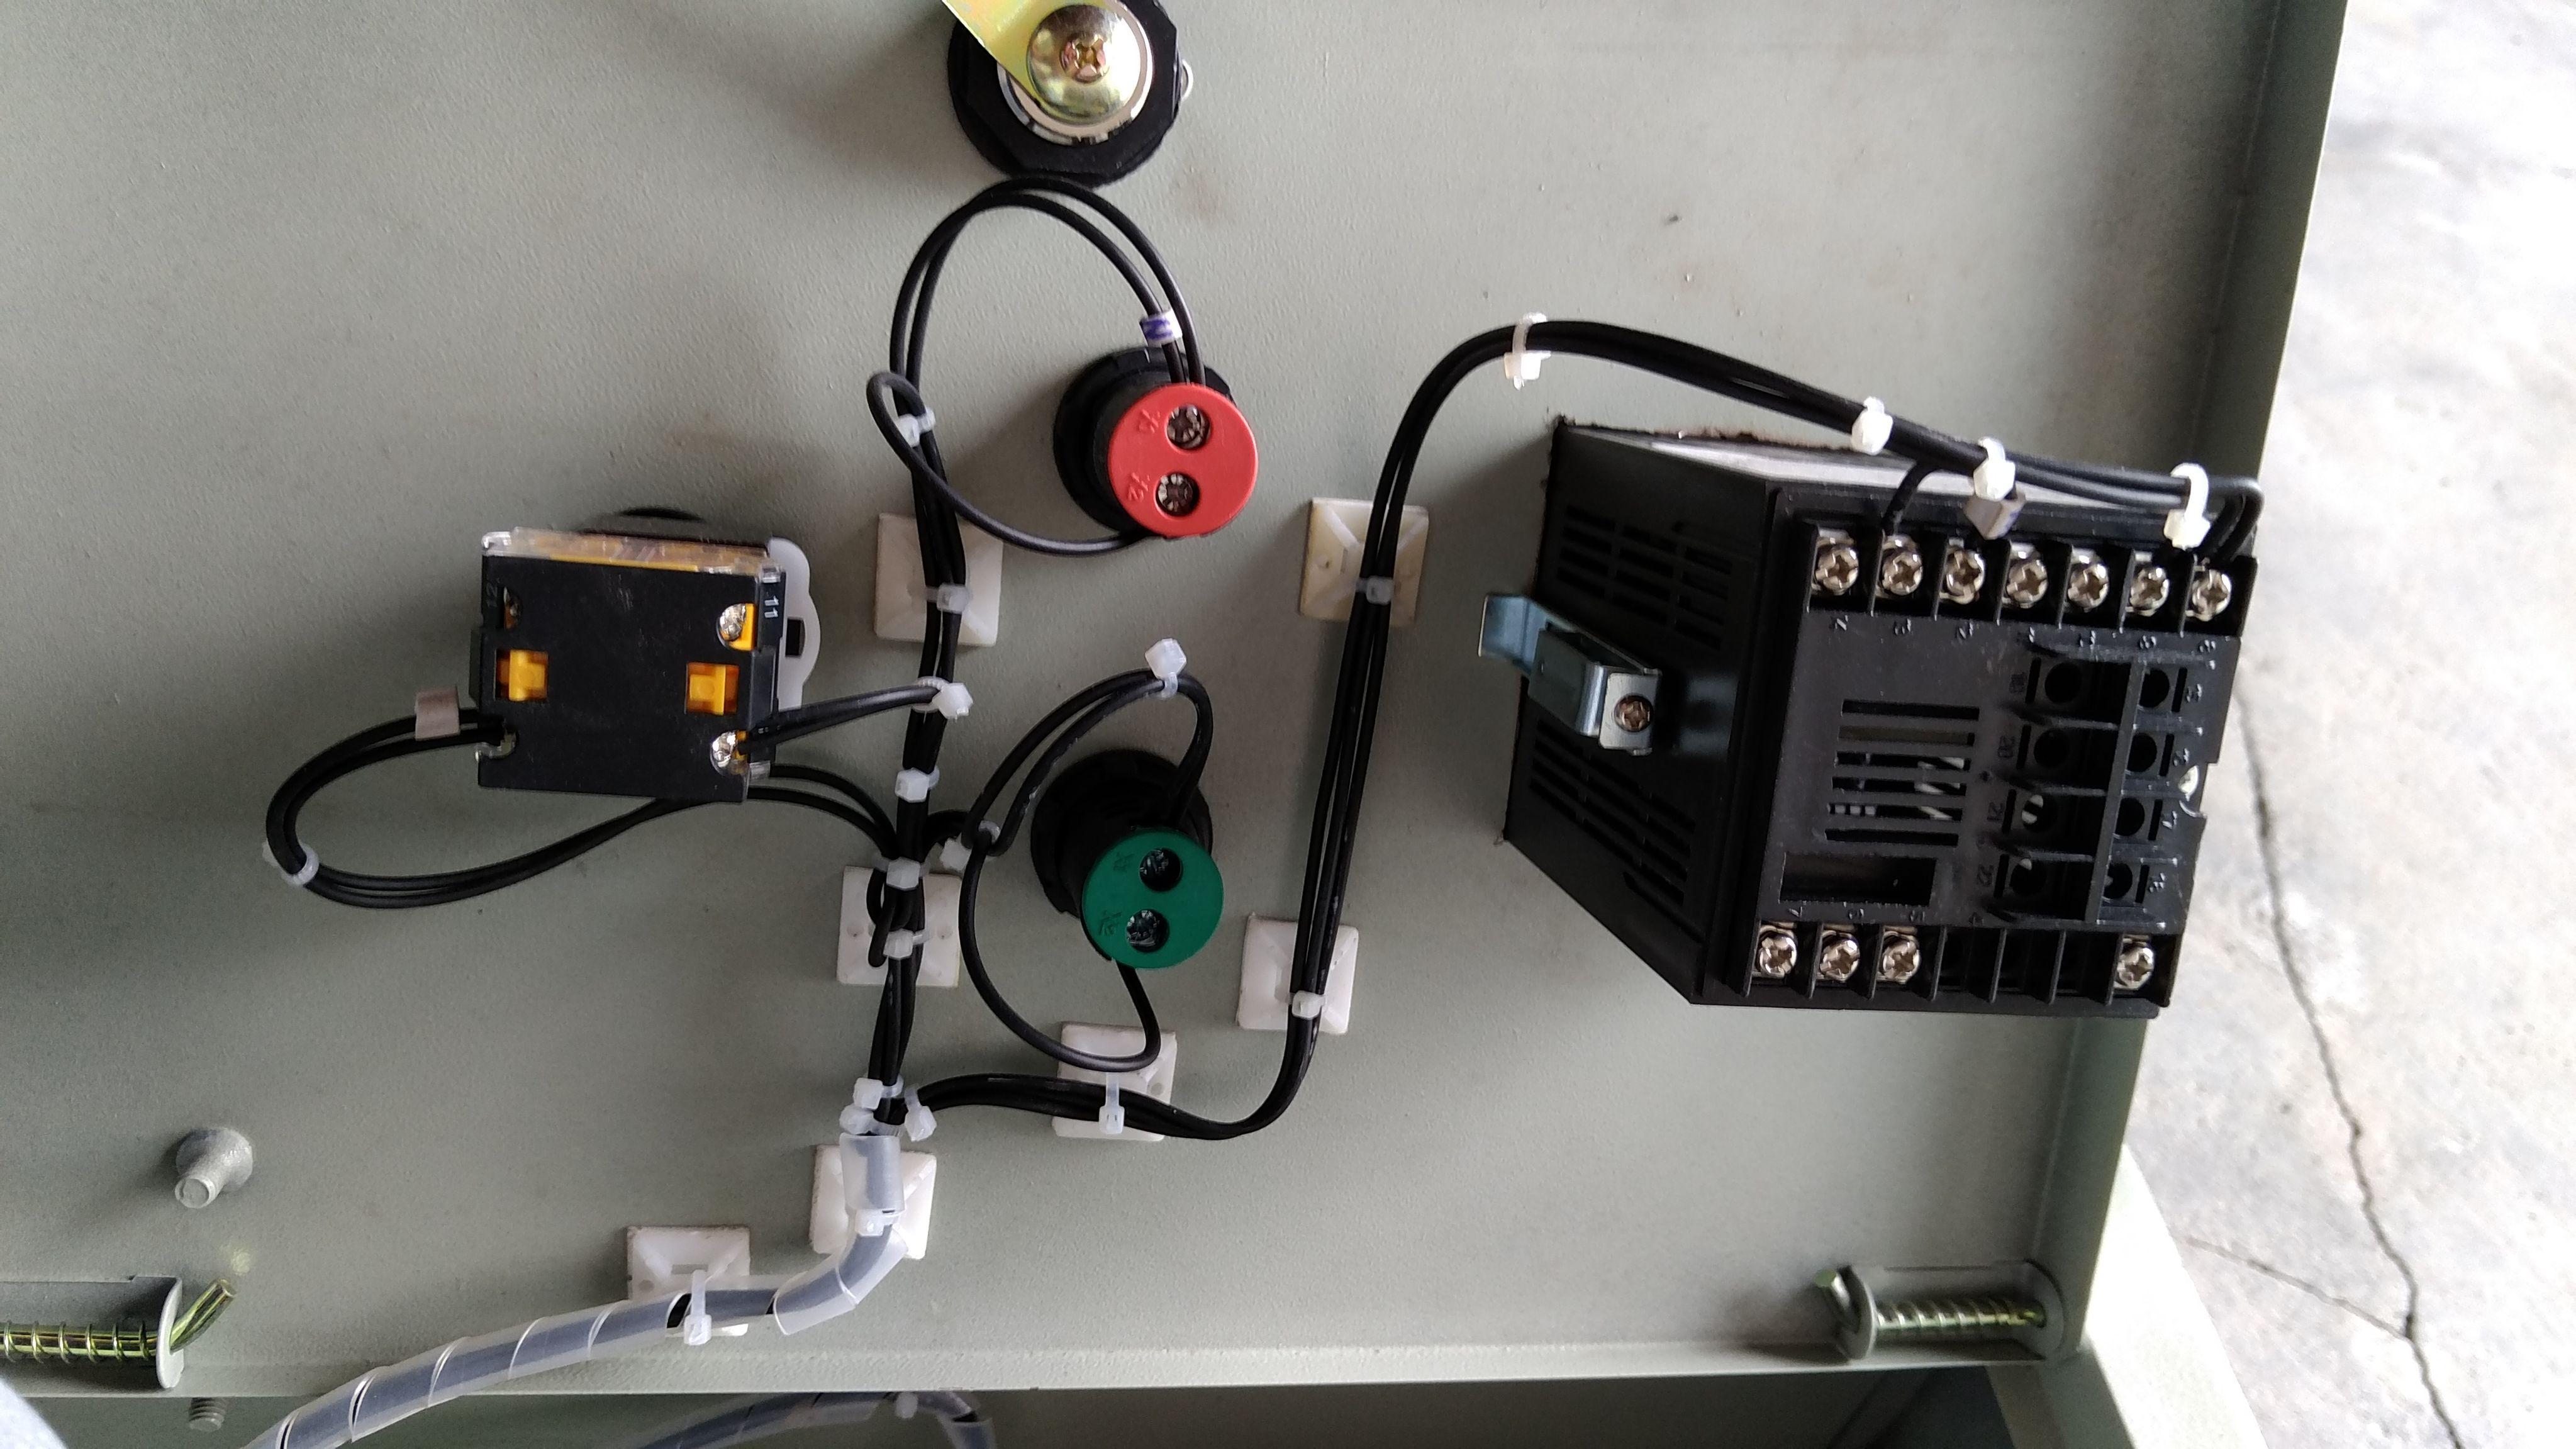 温控器怎么接双相220V交流接触器,正泰CJX2-2510的,最好有图急(图2)  温控器怎么接双相220V交流接触器,正泰CJX2-2510的,最好有图急(图4)  温控器怎么接双相220V交流接触器,正泰CJX2-2510的,最好有图急(图8)  温控器怎么接双相220V交流接触器,正泰CJX2-2510的,最好有图急(图10)  温控器怎么接双相220V交流接触器,正泰CJX2-2510的,最好有图急(图12)  温控器怎么接双相220V交流接触器,正泰CJX2-2510的,最好有图急(图14)